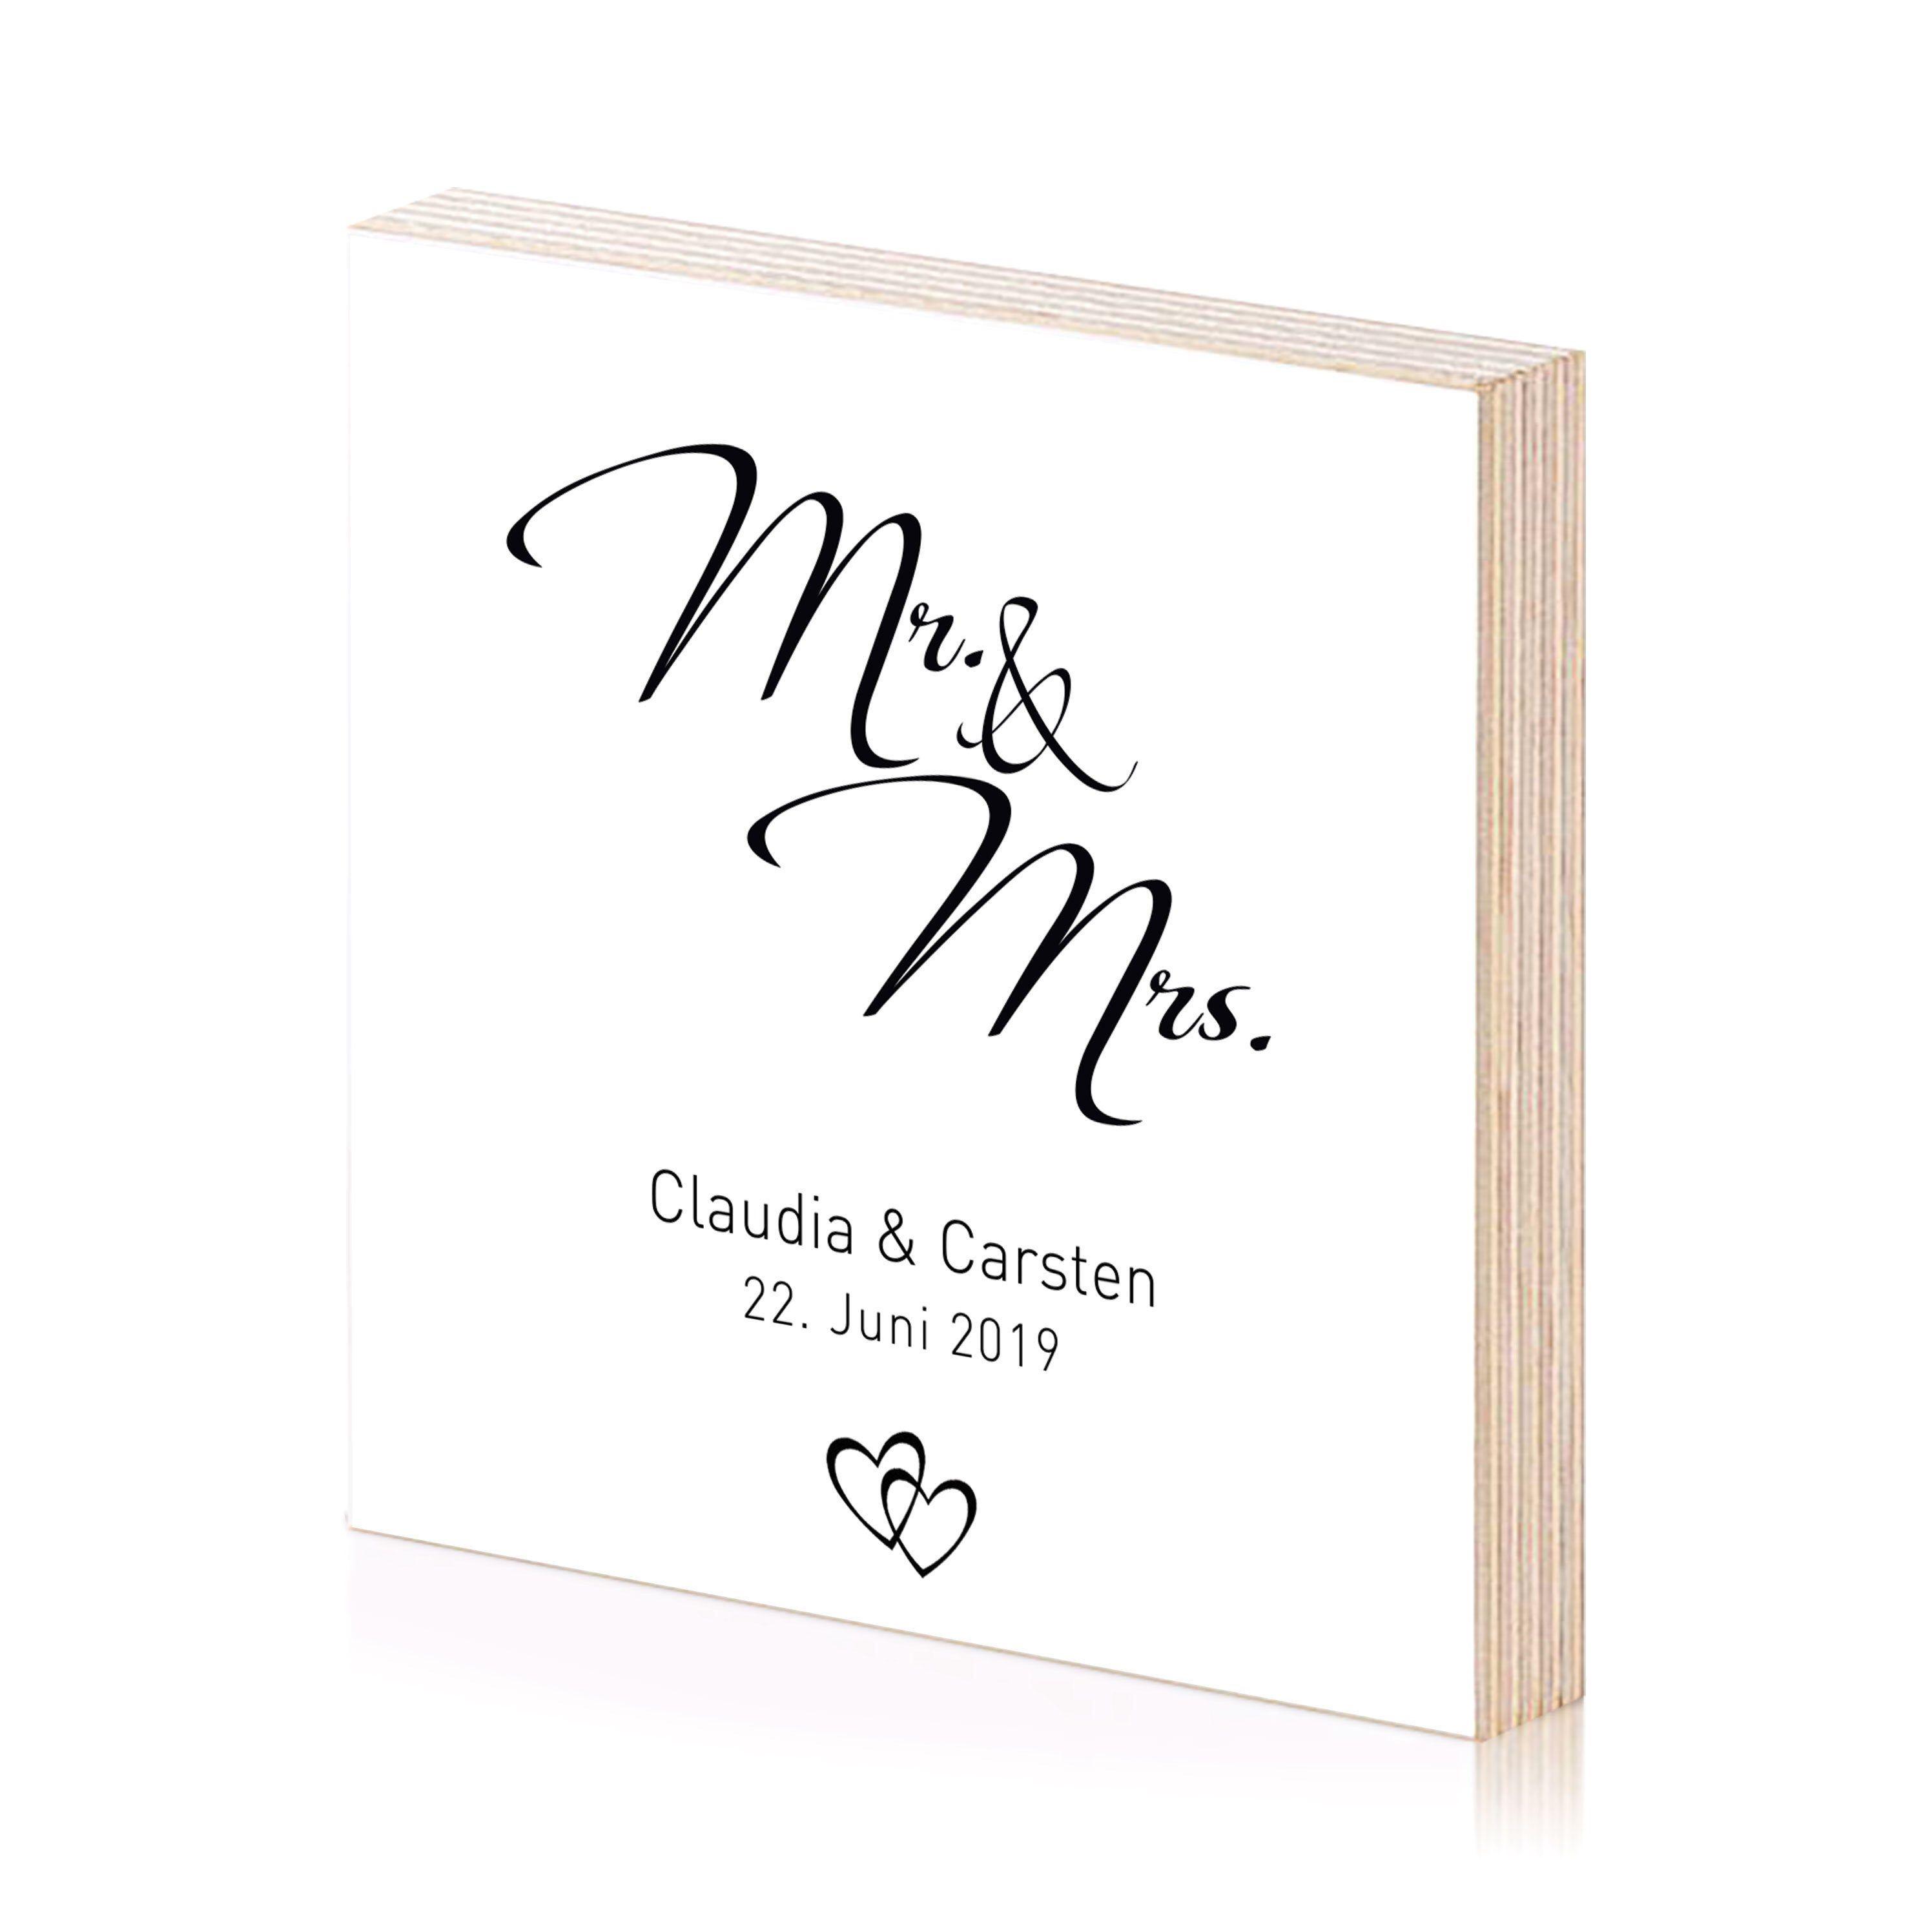 Mr. & Mrs. Kunstdruck einzigartiges Holzbild zum